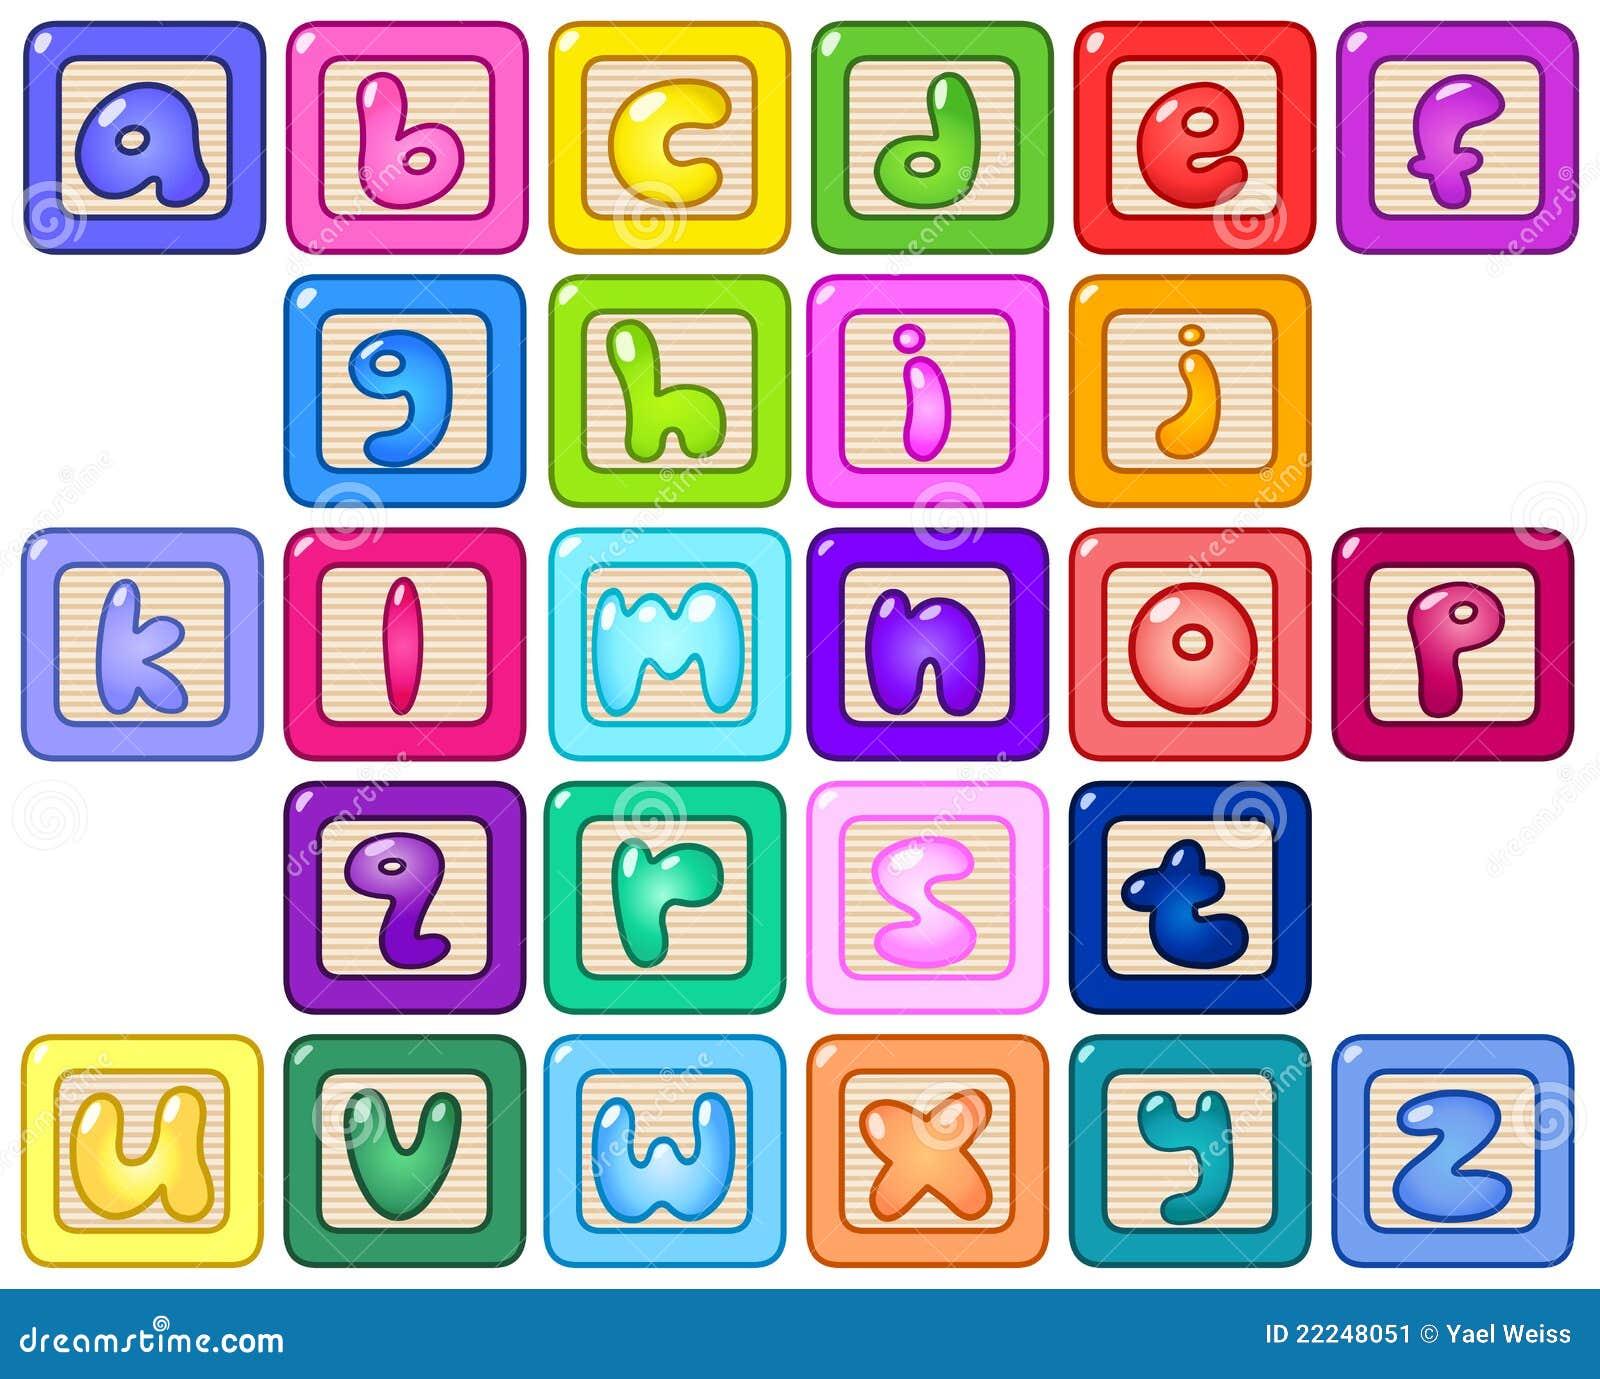 Lower Case Alphabet Blocks Stock Vector Illustration Of Children